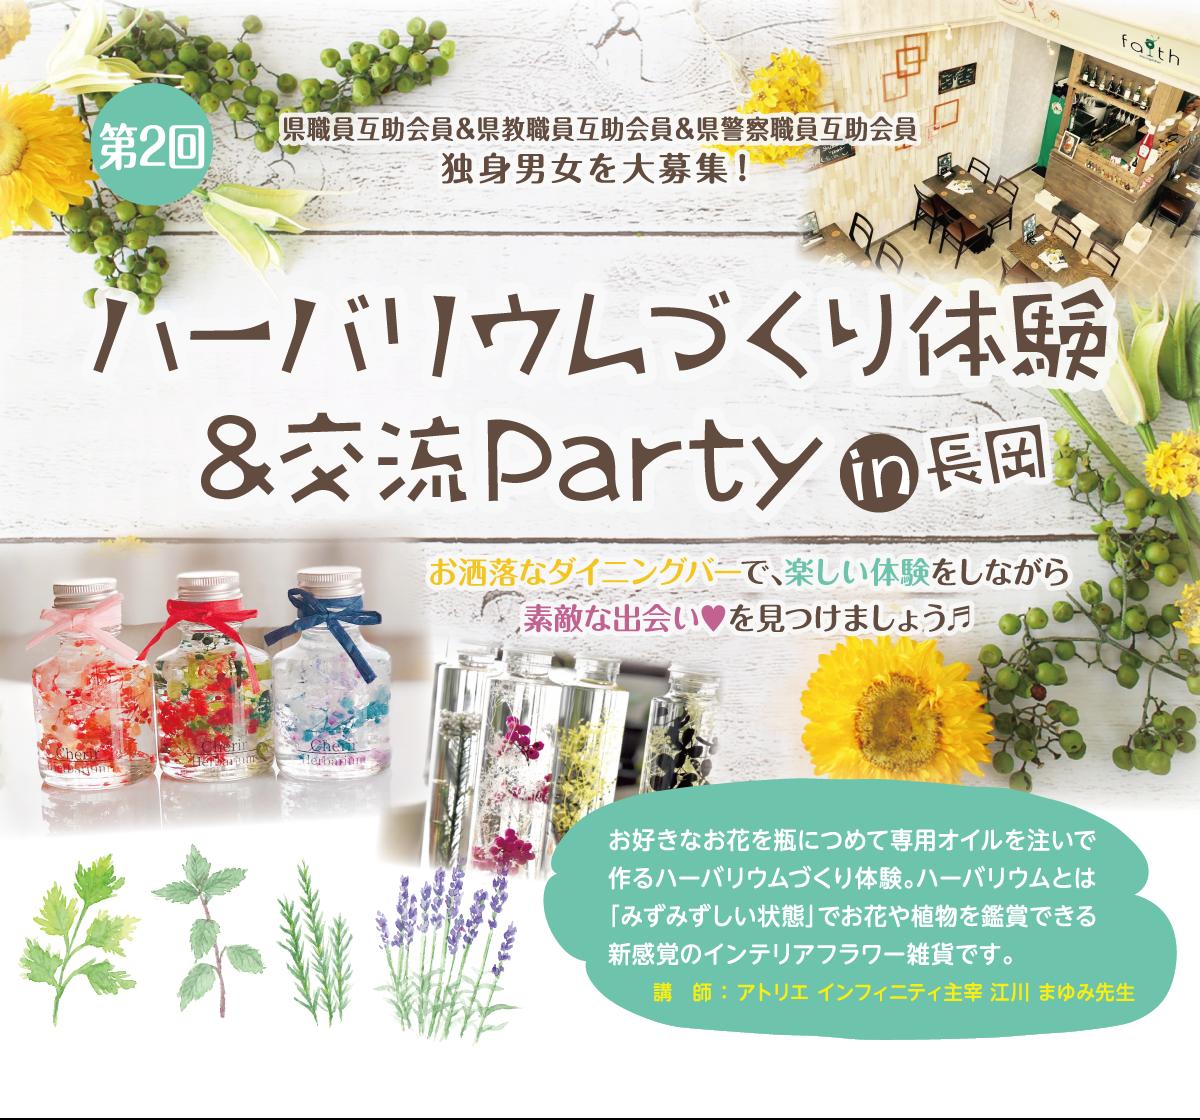 第2回 ハーバリウムづくり体験&交流Party in長岡